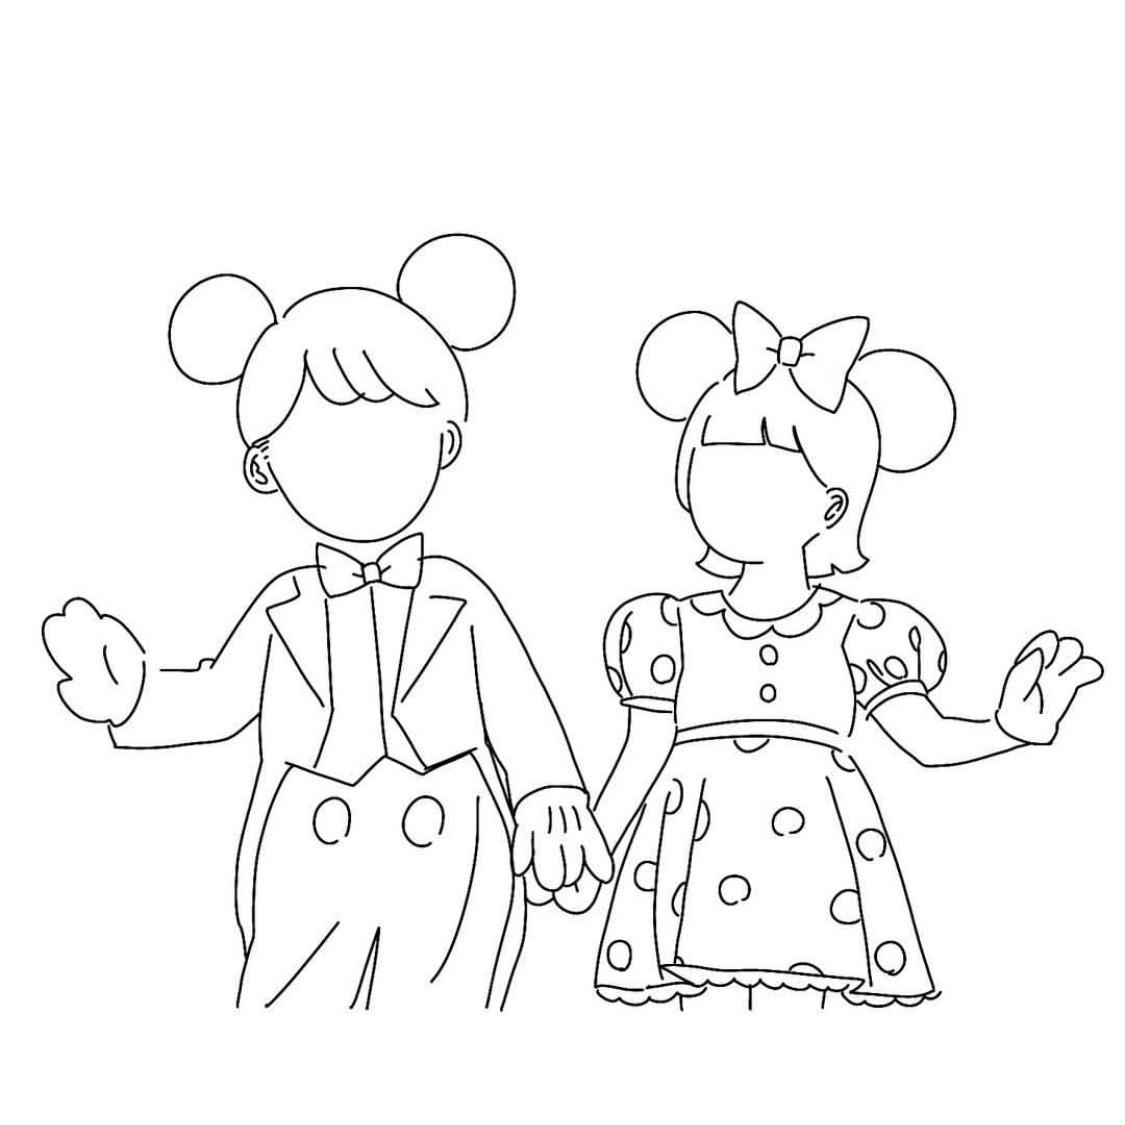 アイコン、イラスト描きます かわいいカップルの思い出に!!❤︎